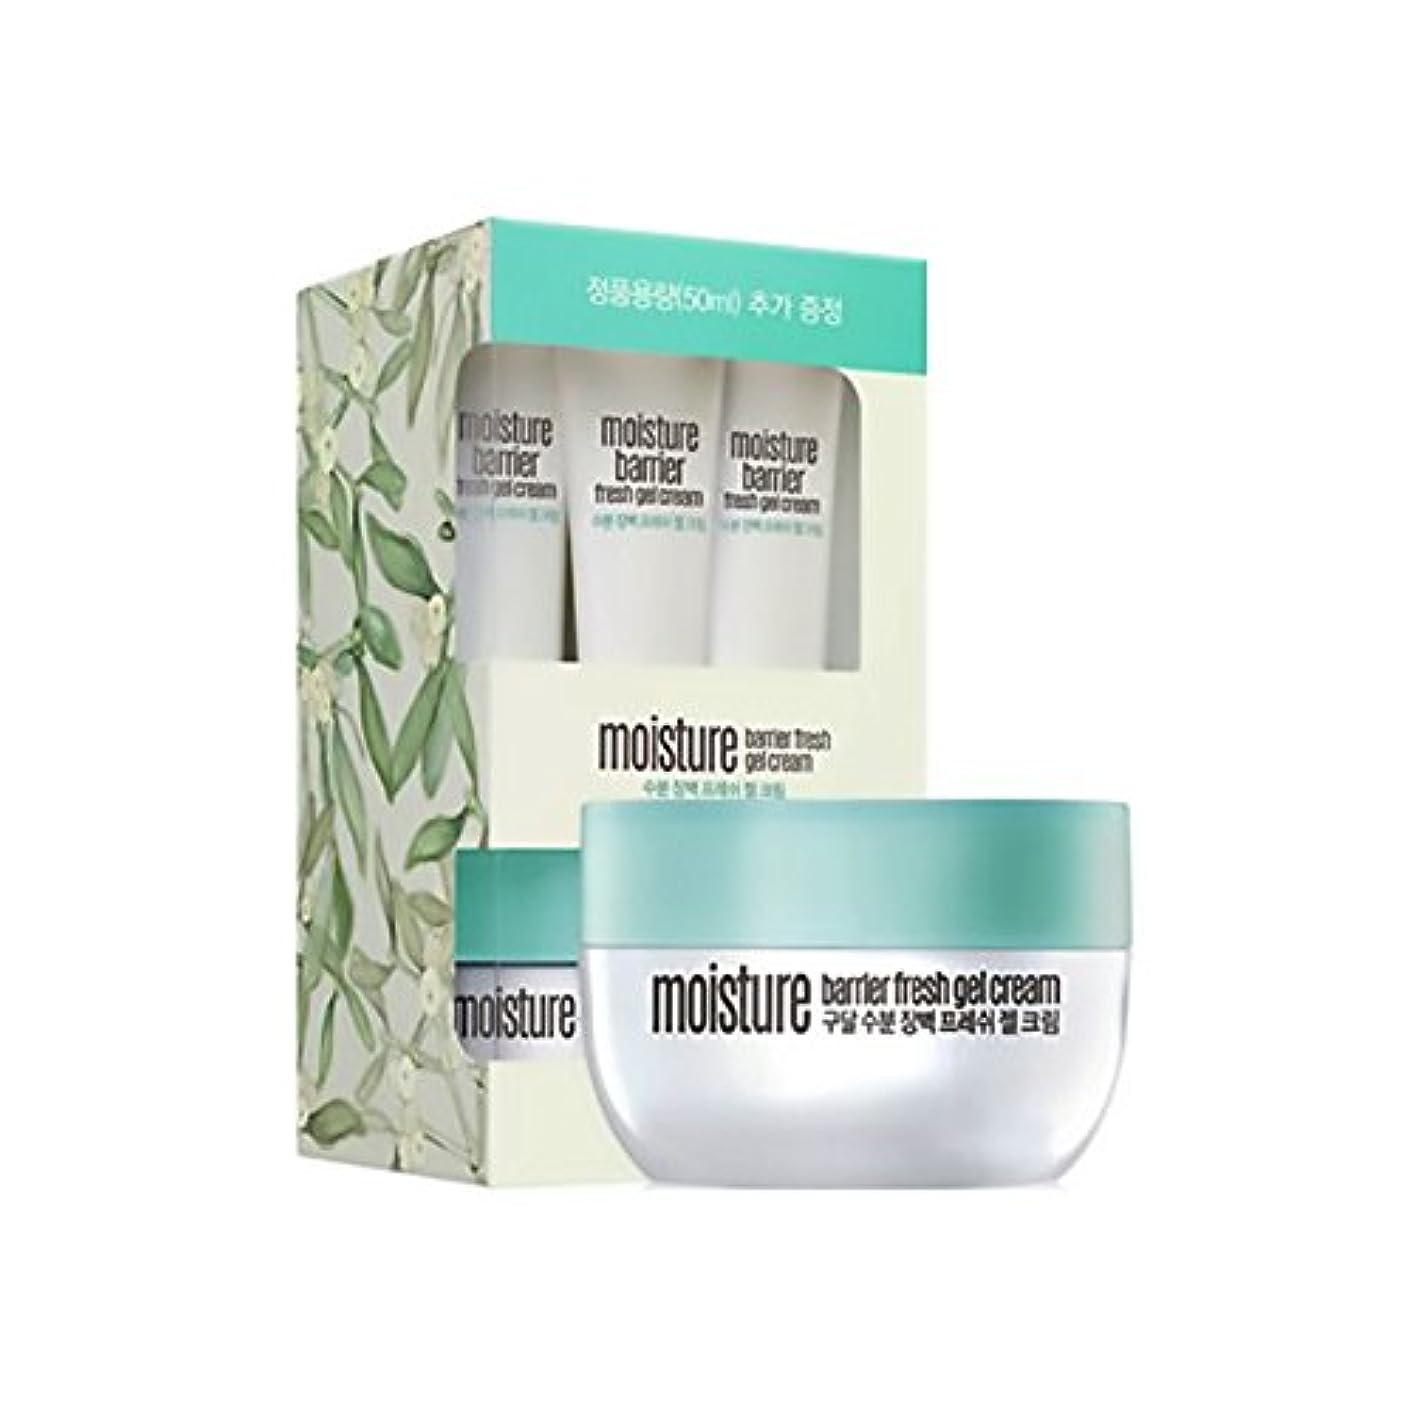 三コットンギャップgoodal moisture barrier fresh gel cream set